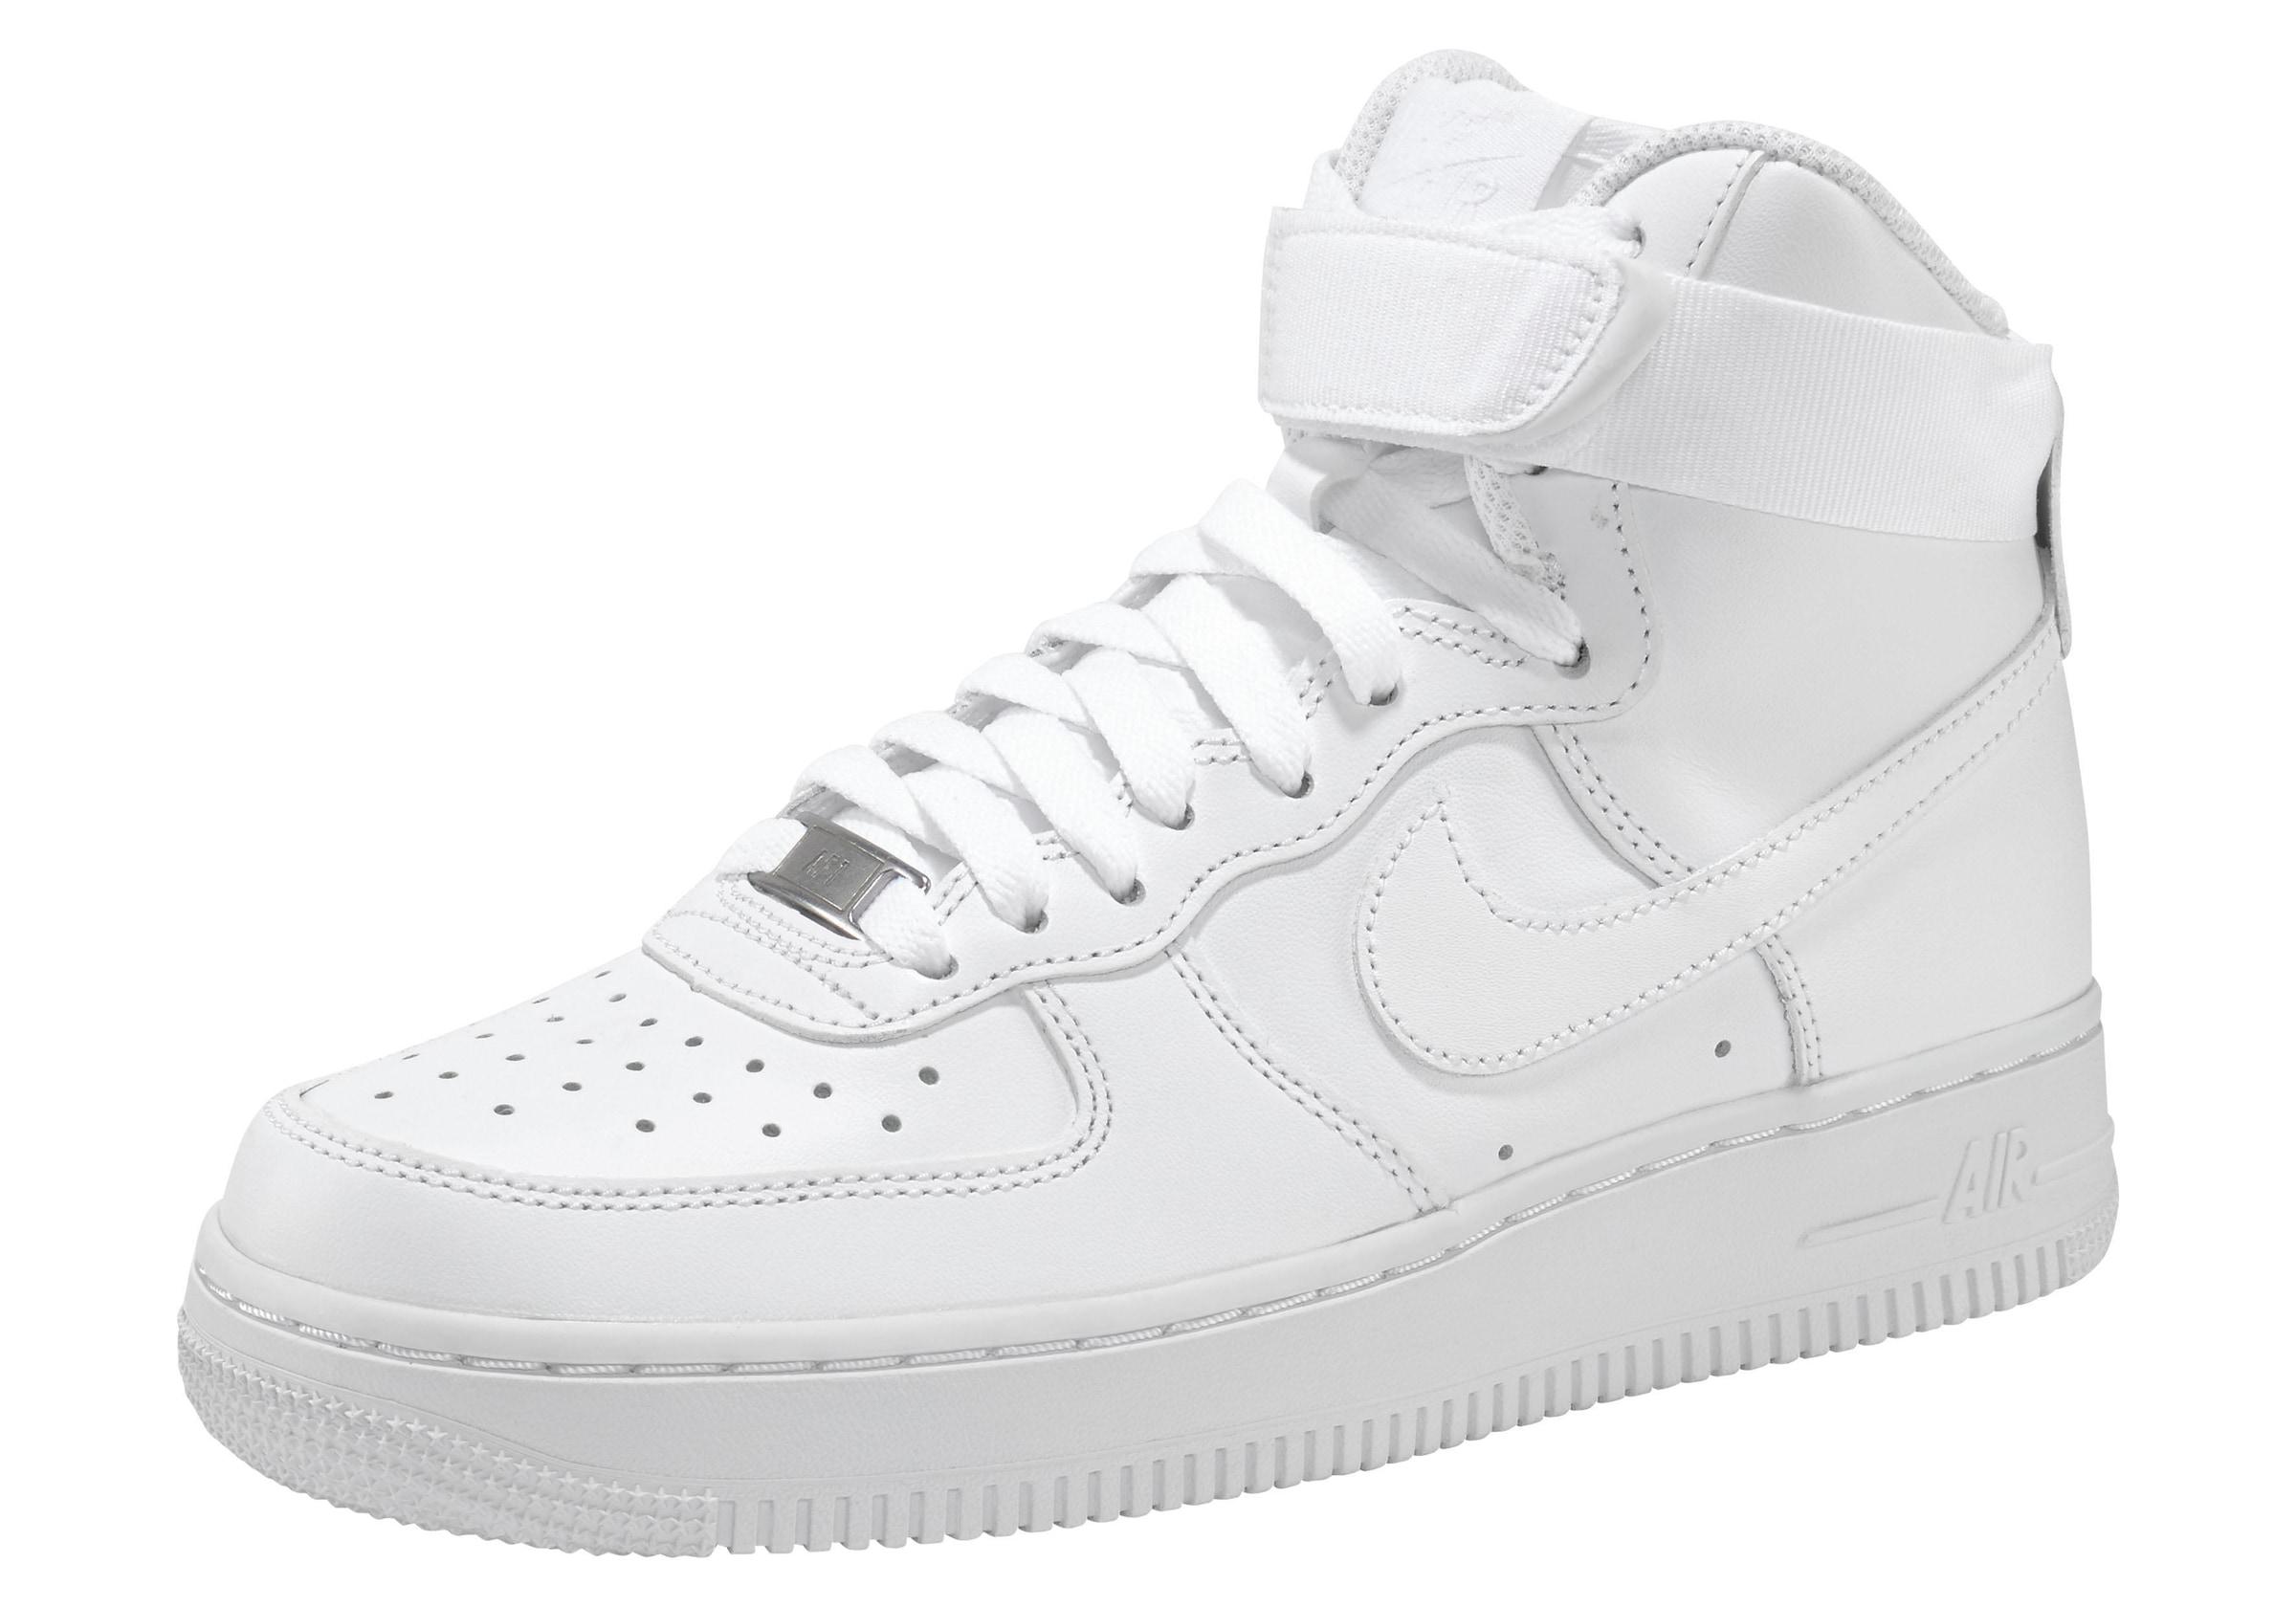 Nike Sportswear Turnschuhe  ;Wmns Air Force 1 High online Besteellen   Gutes Preis-Leistungs-Verhältnis, es lohnt sich